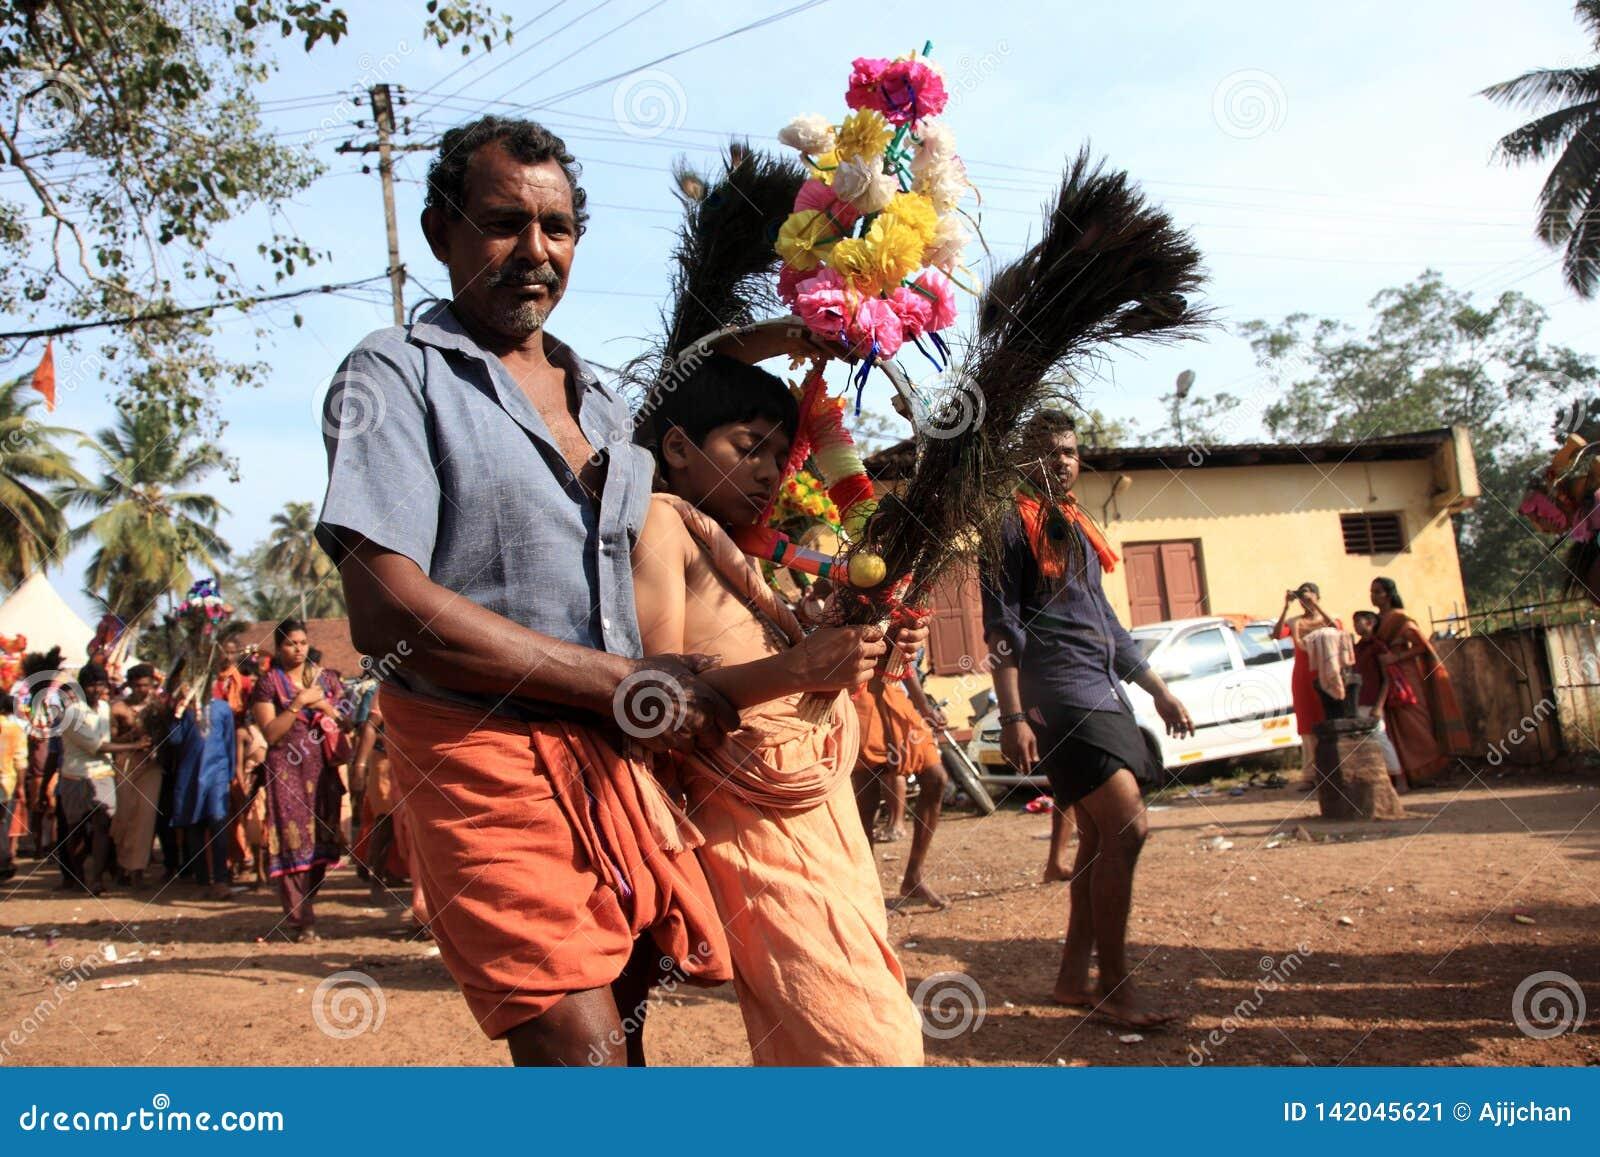 Подвижники держат украшенный свод и танец в остервенении во время фестиваля Thaipuyam